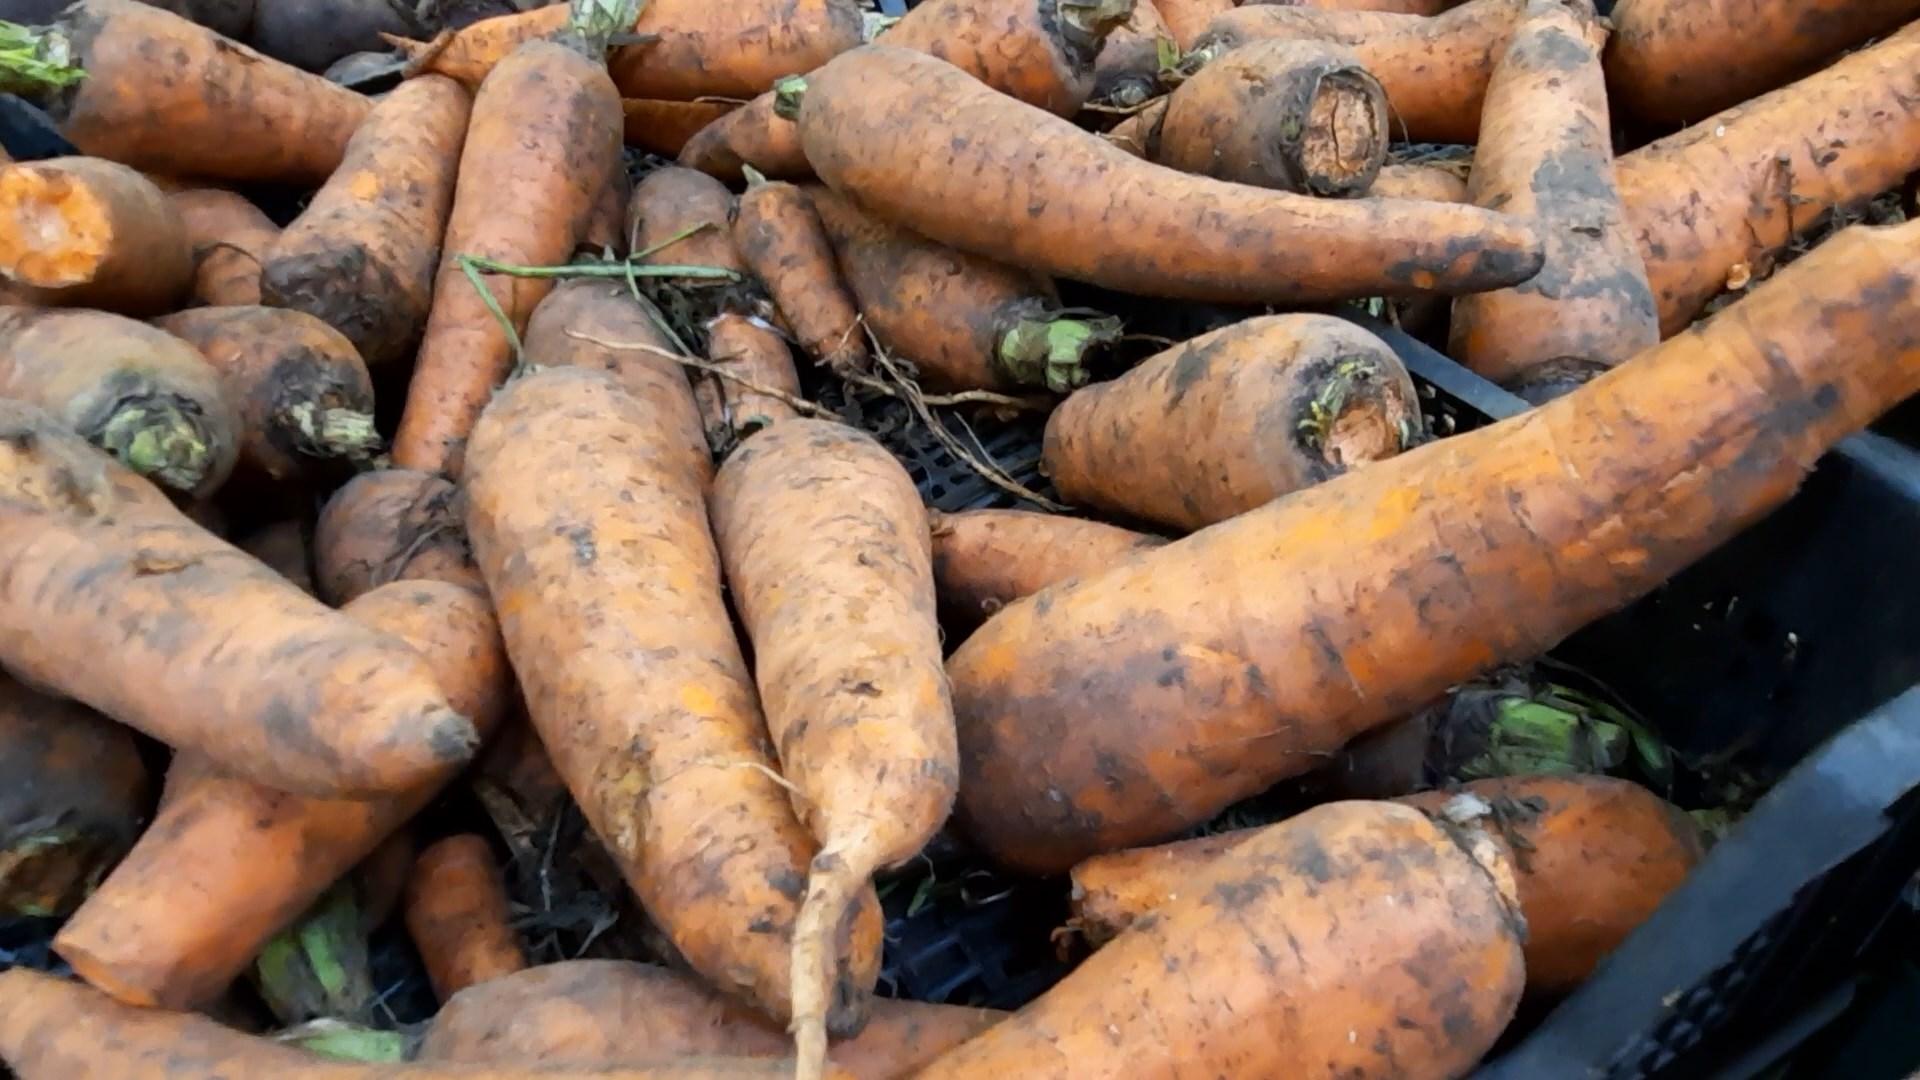 Морковь в Костроме стала стоить дороже арбузов